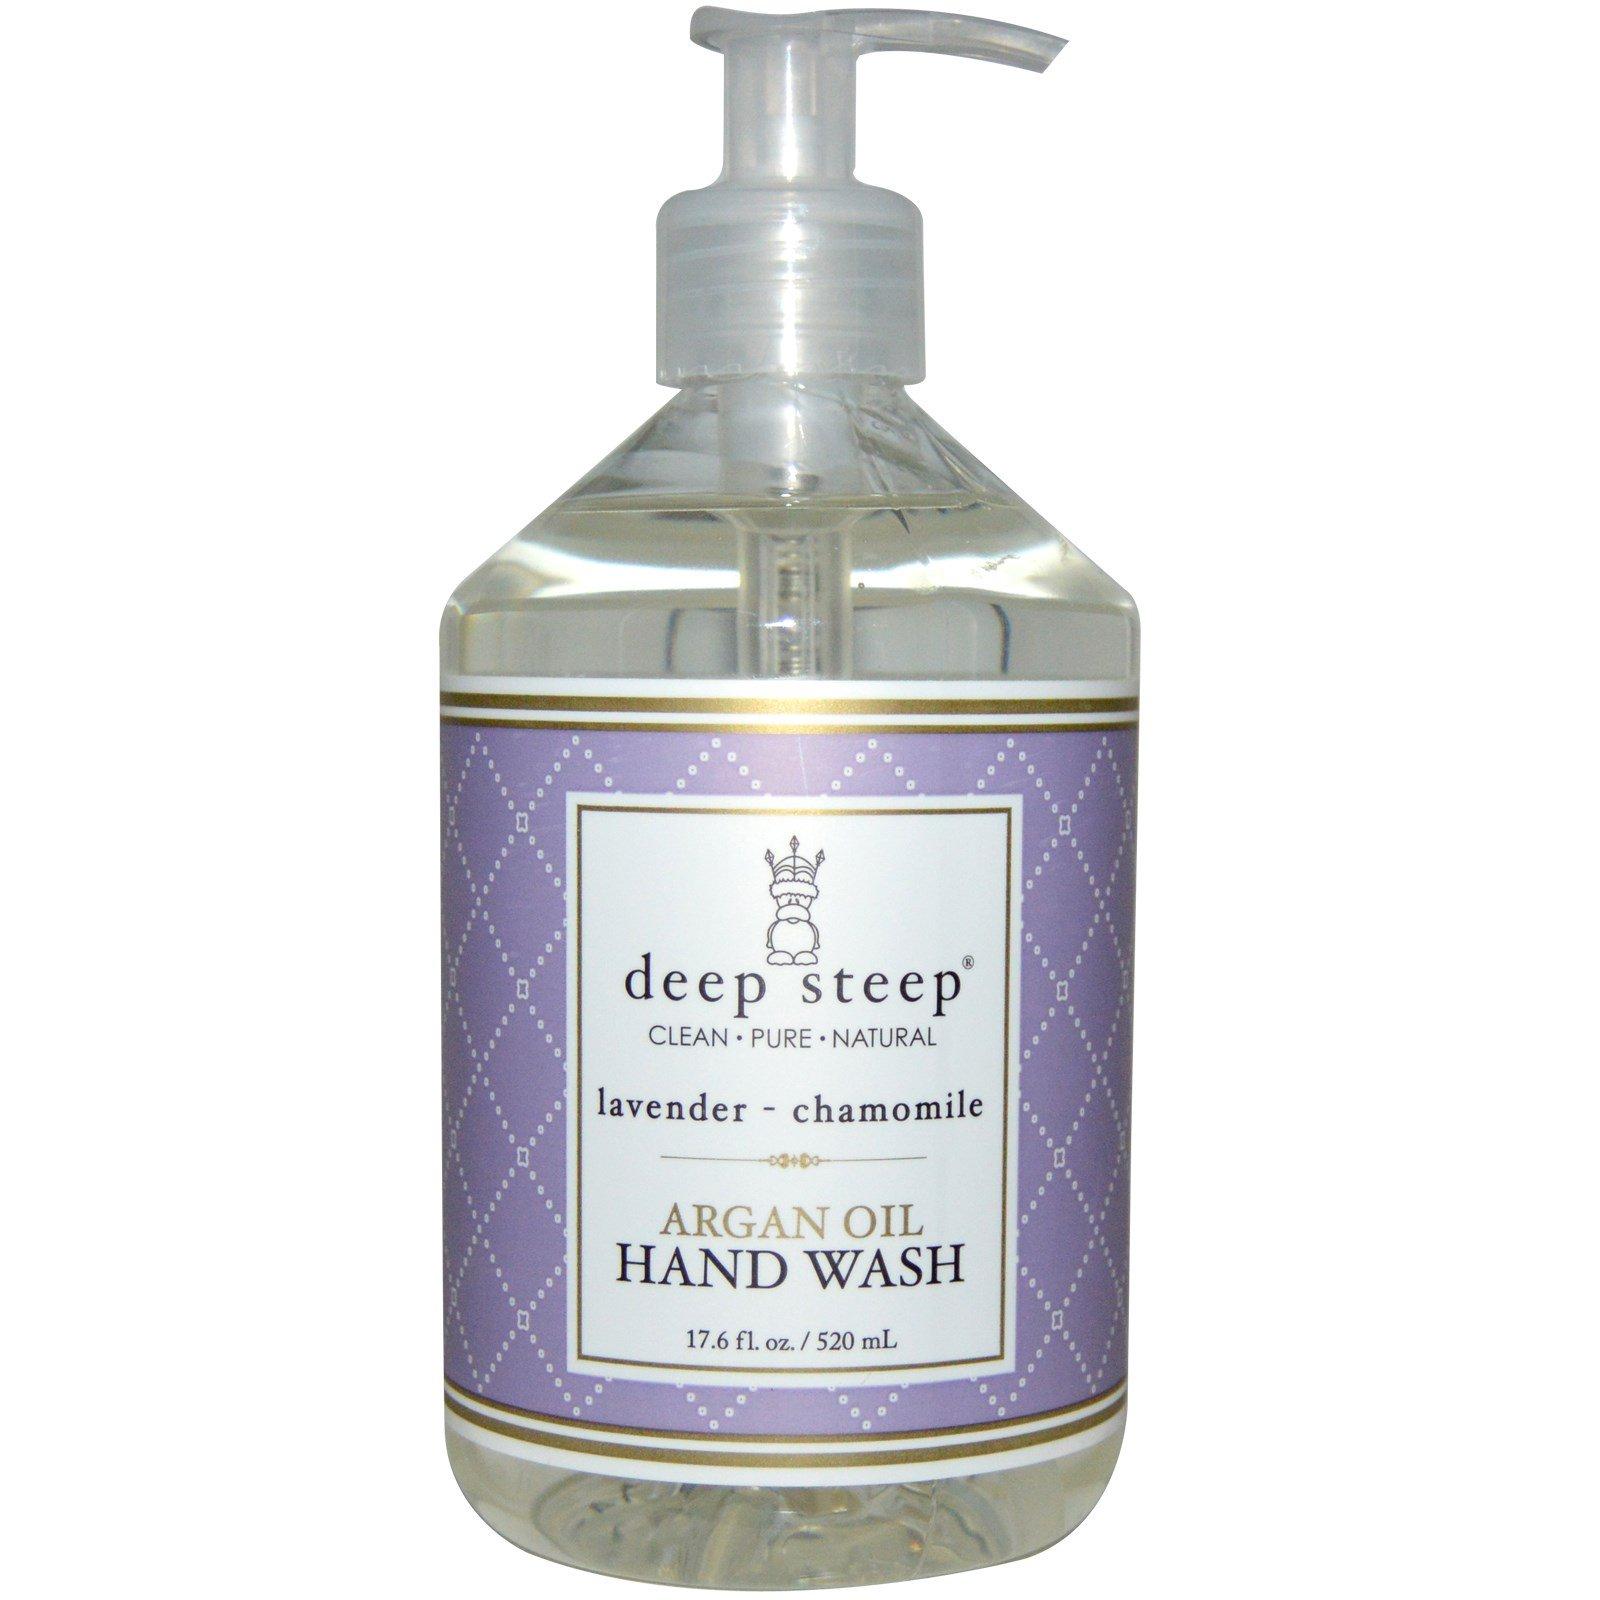 Deep Steep, Средство для мытья рук с аргановым маслом, лаванда и ромашка, 17.6 жидких унций (520 мл)